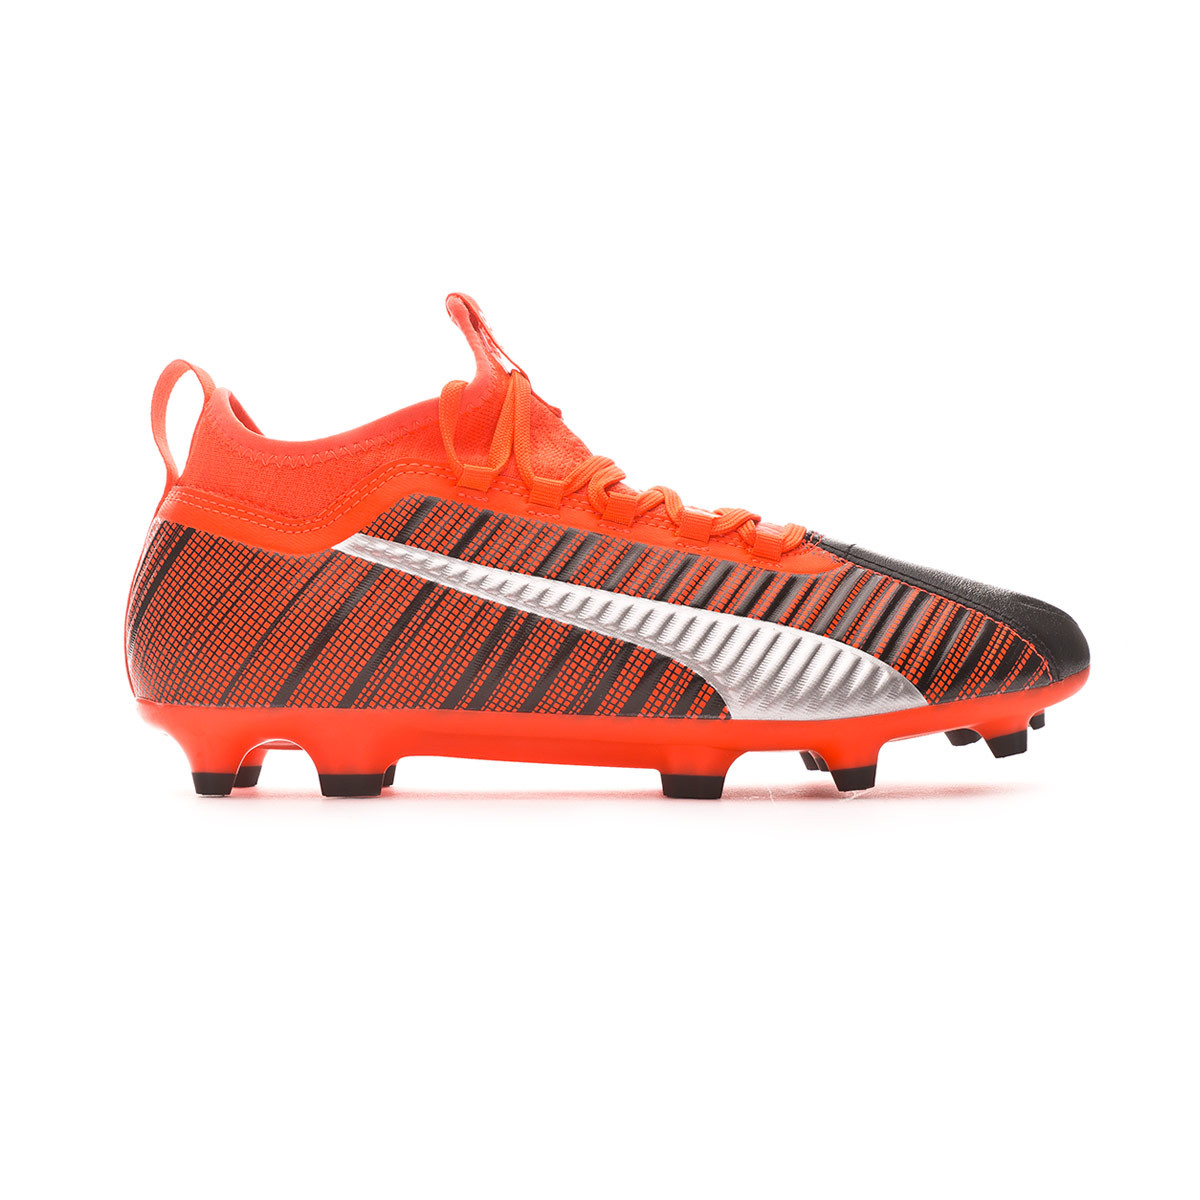 Chaussures football Puma One 5.3 FGAG